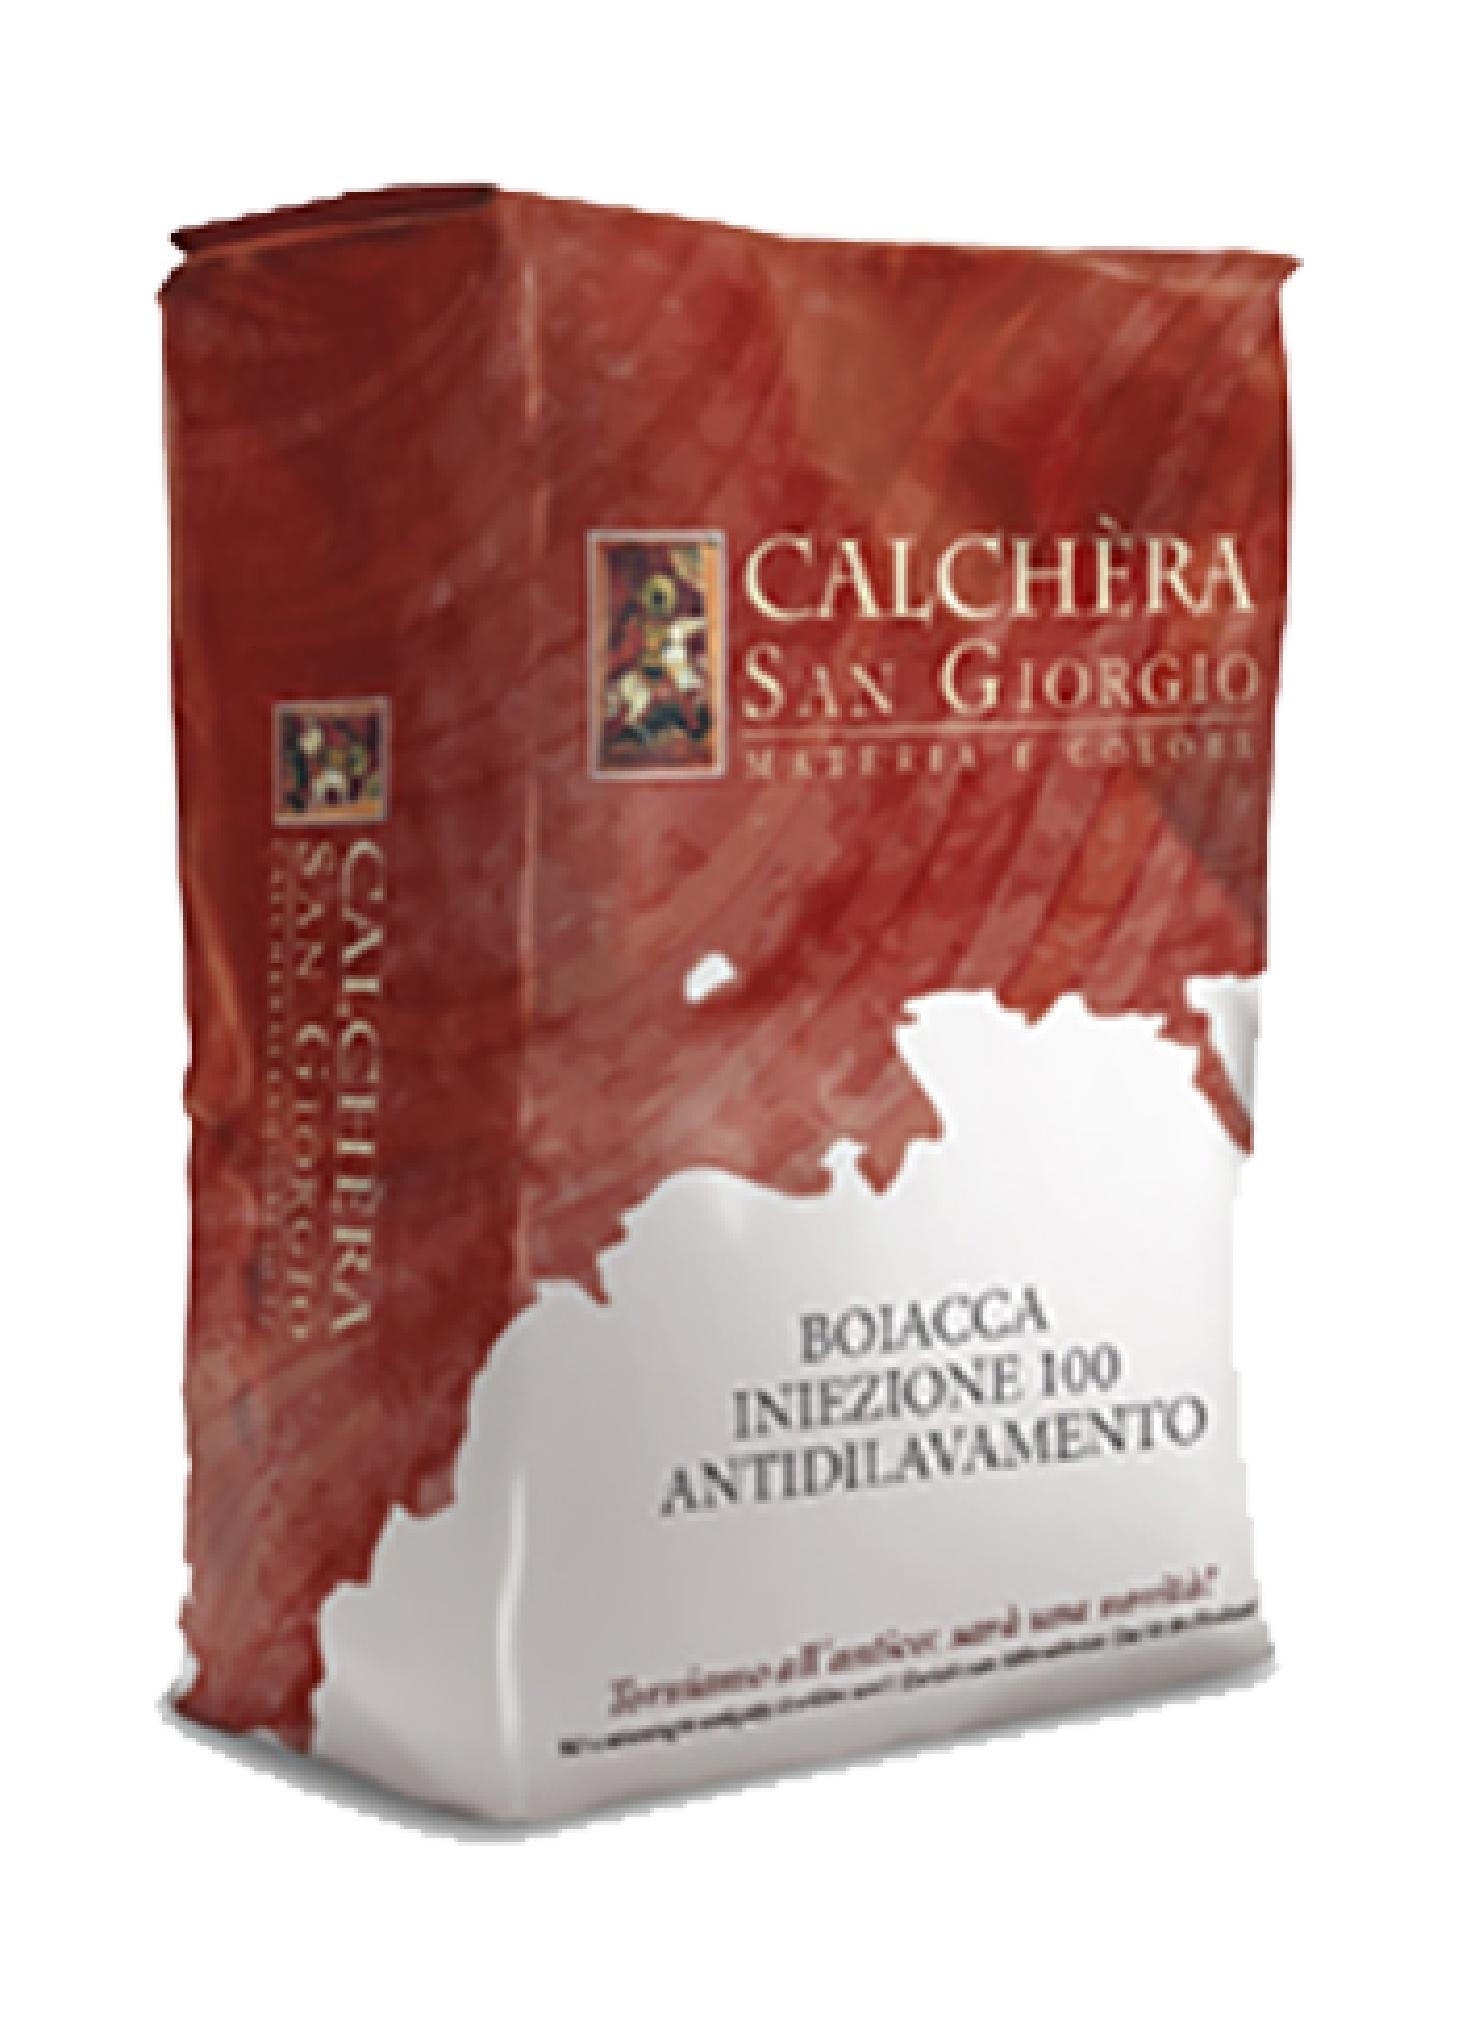 Boiacca Iniezione 100 antidilavamento: Onderwater injectiemortel voor het structureel verstevigen van histori - Promacom